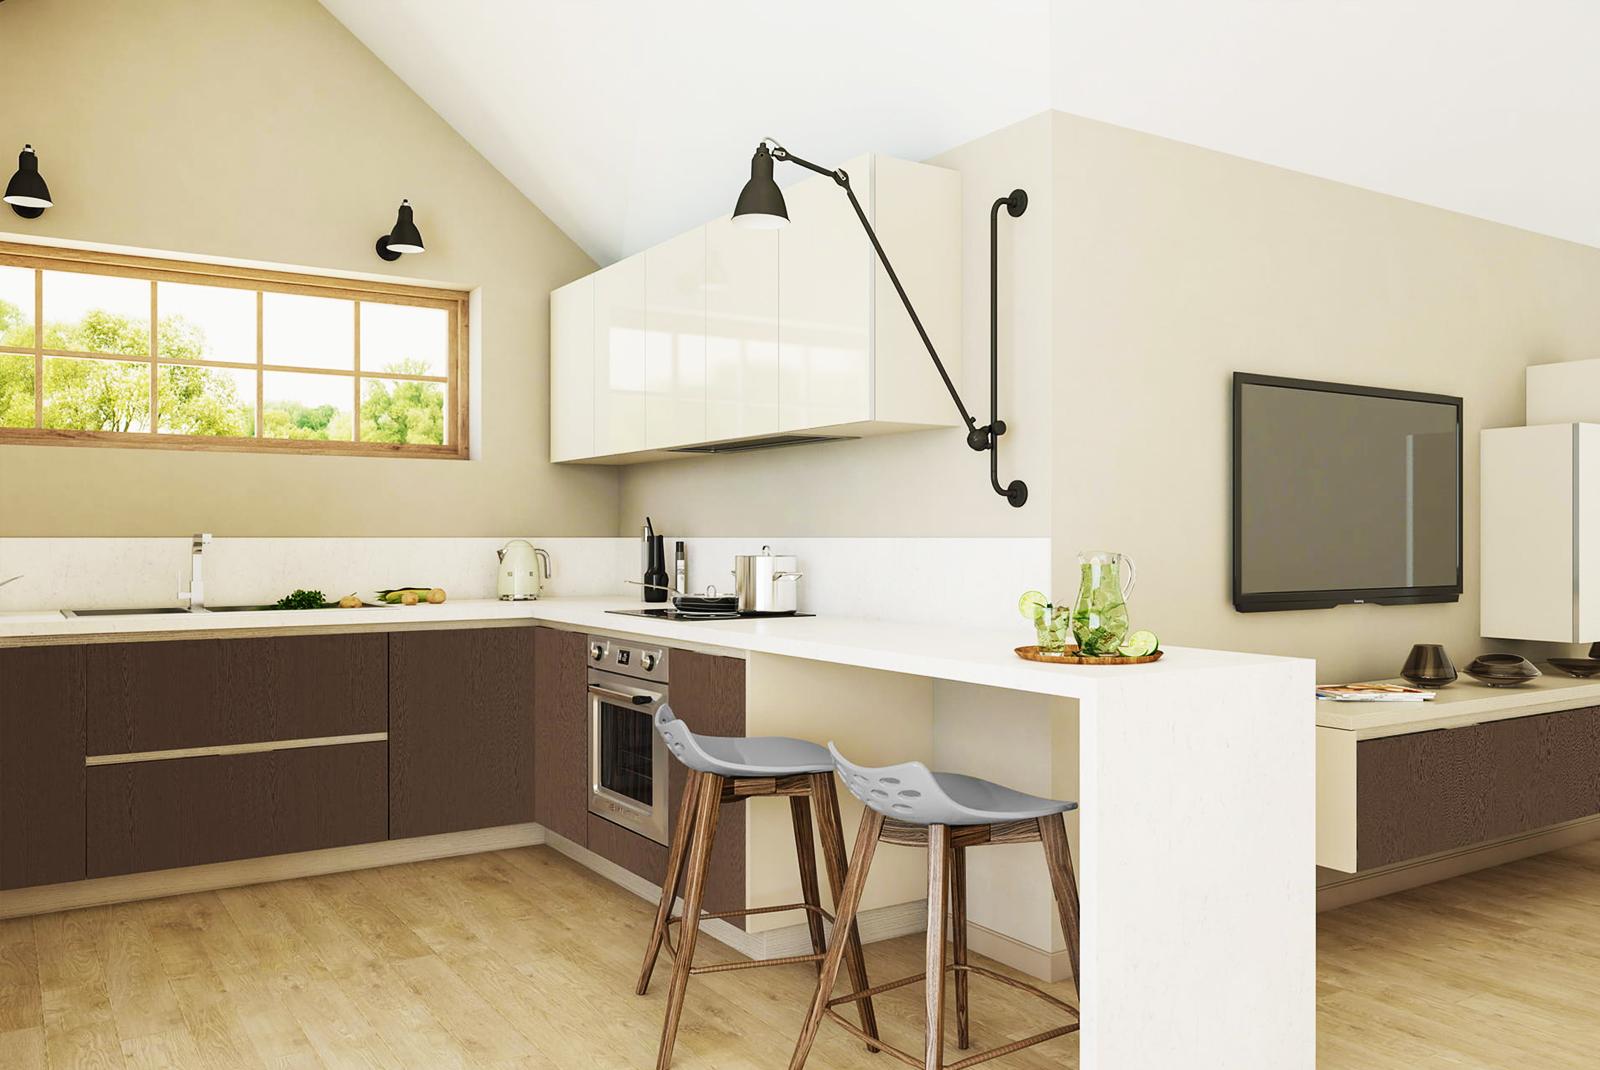 wohnküche küchenzeile eckküche grau weiß